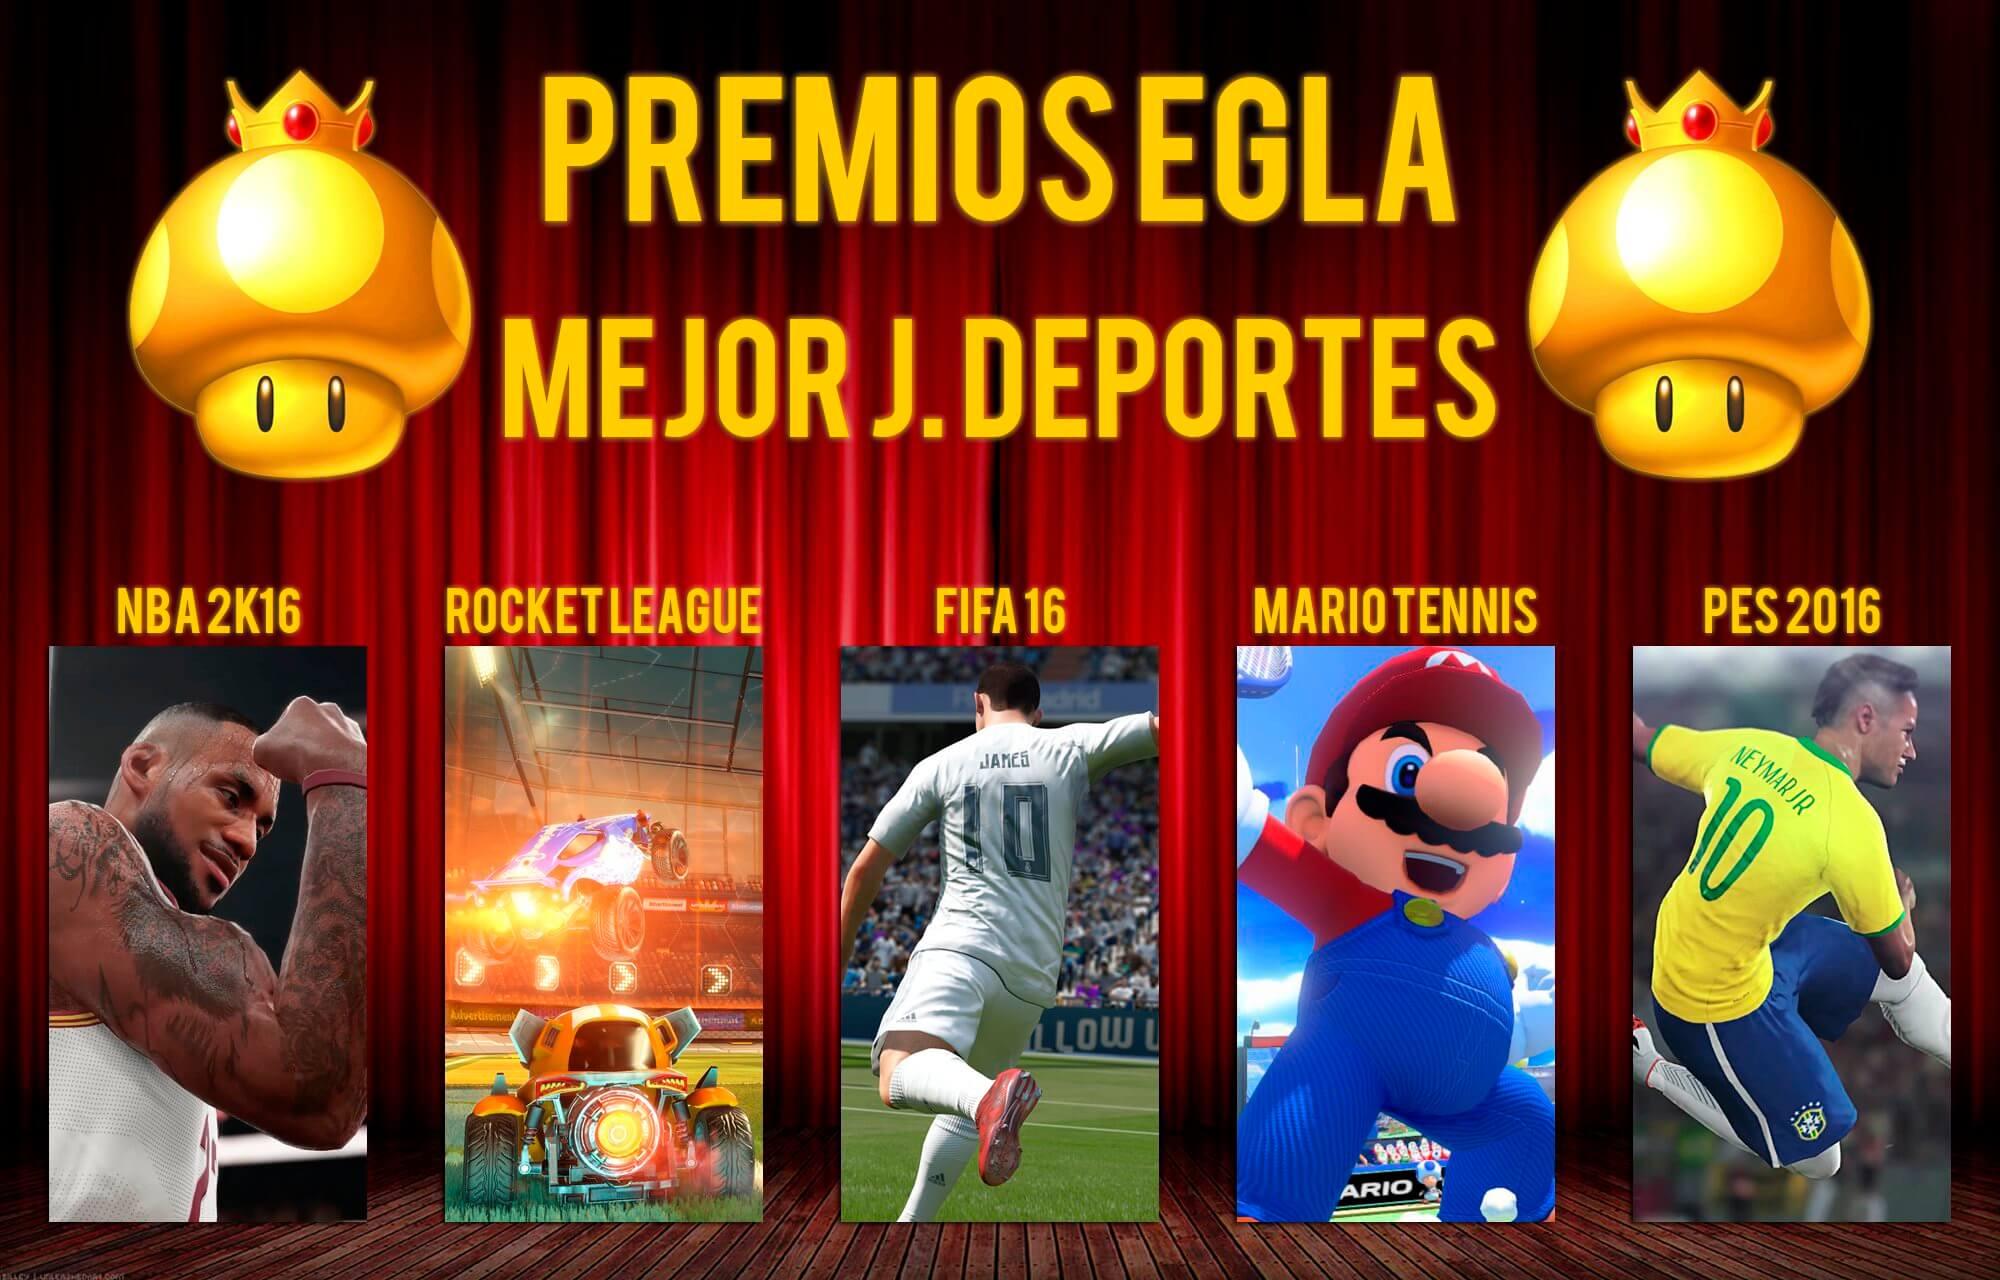 Premios EGLA 2015 Mejor Juego de Deportes